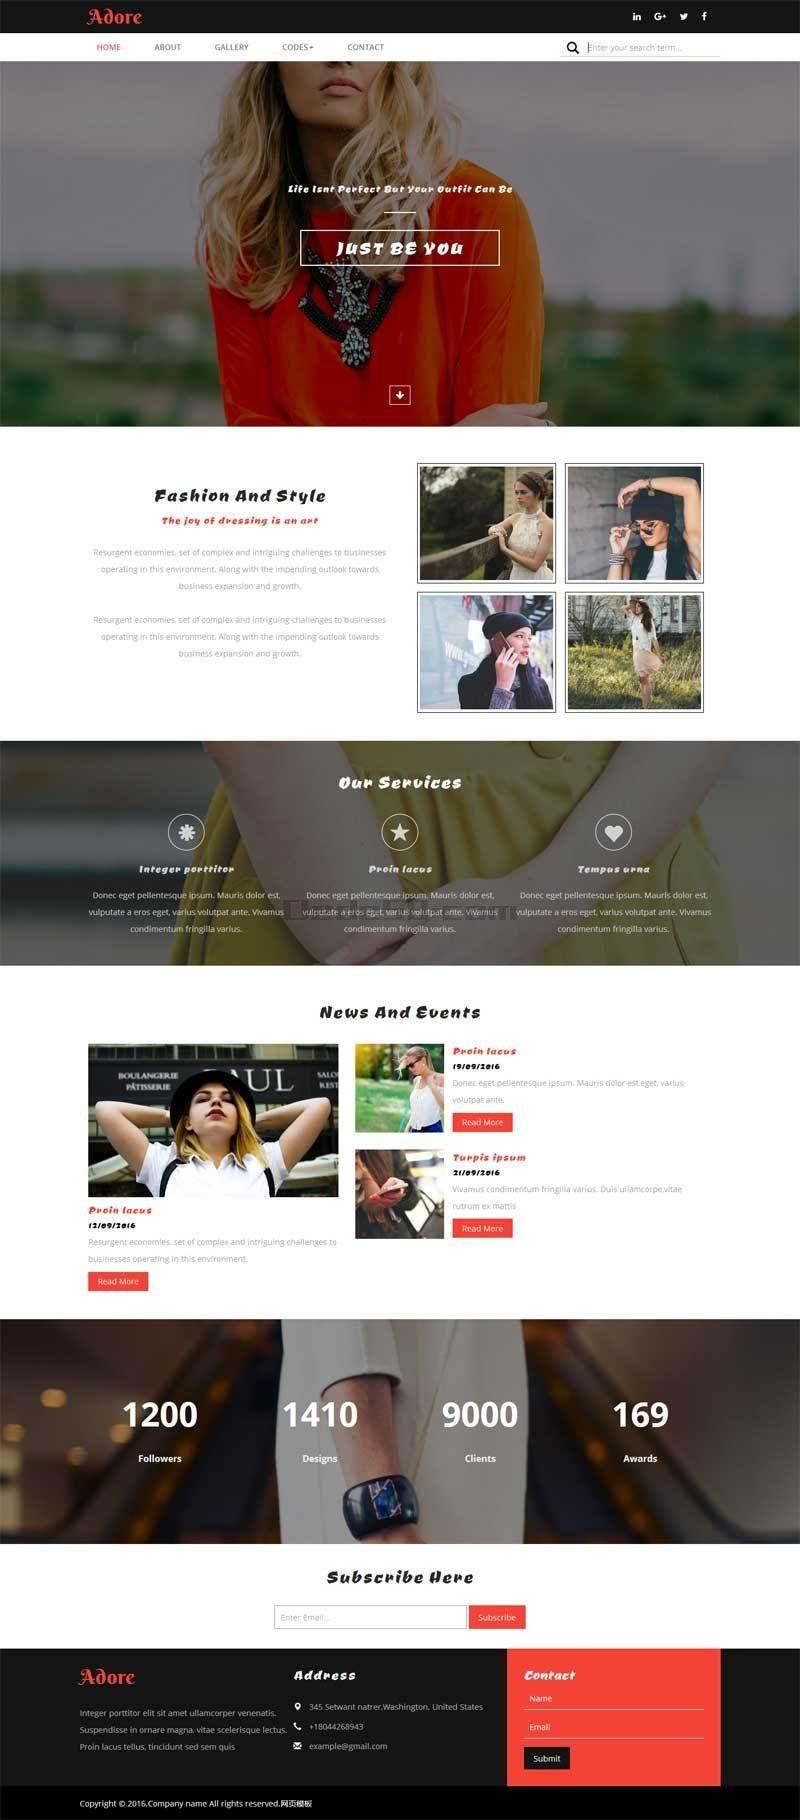 大气的时尚女性服装设计公司网站模板html下载